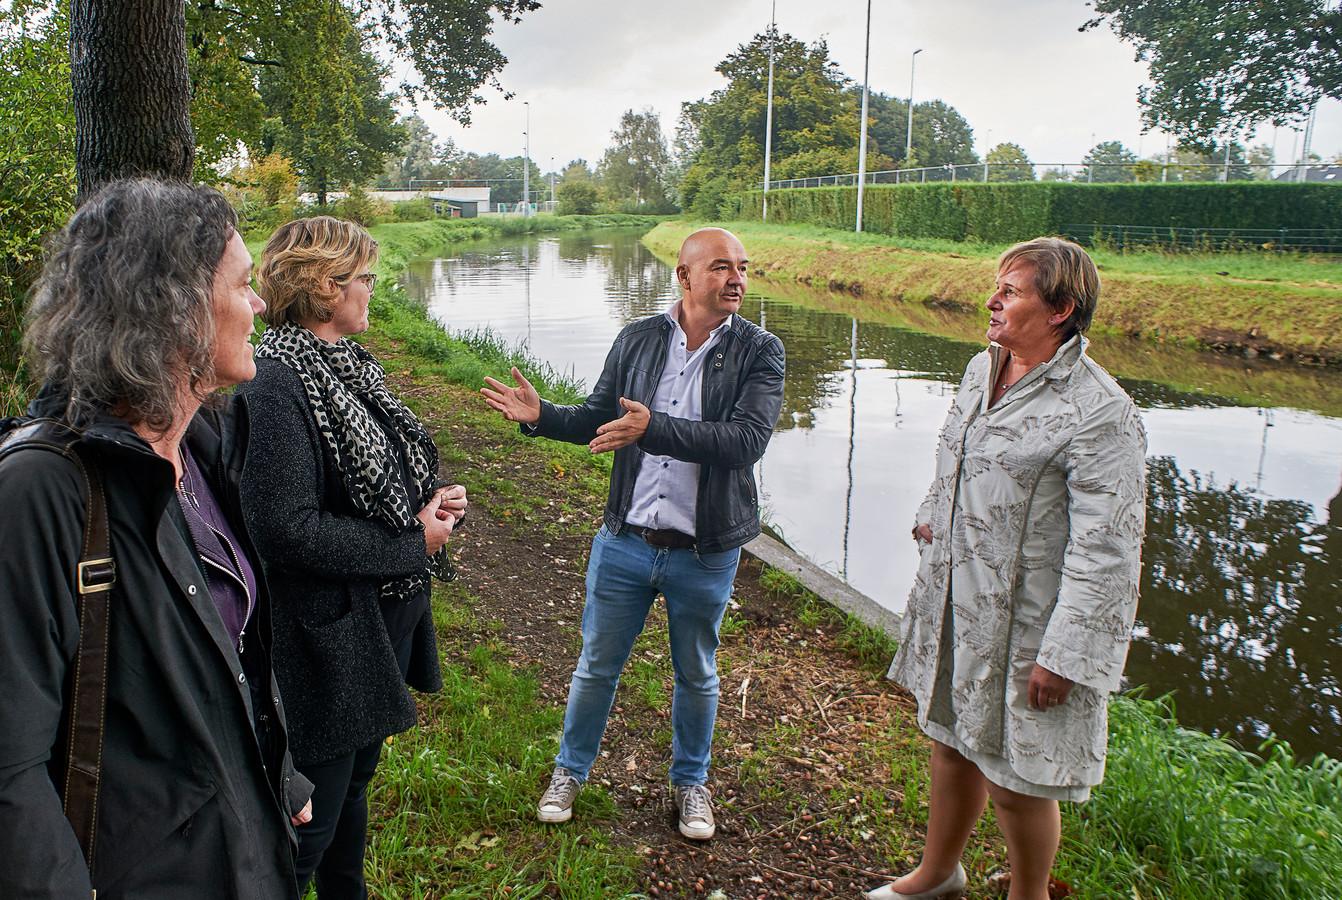 Initiatiefnemers op de lokatie bij RKVV langs de Aa in Erp waar Omnipark Erp moet komen. Rechts verantwoordelijk wethouder Coby van der Pas van Meierijstad.